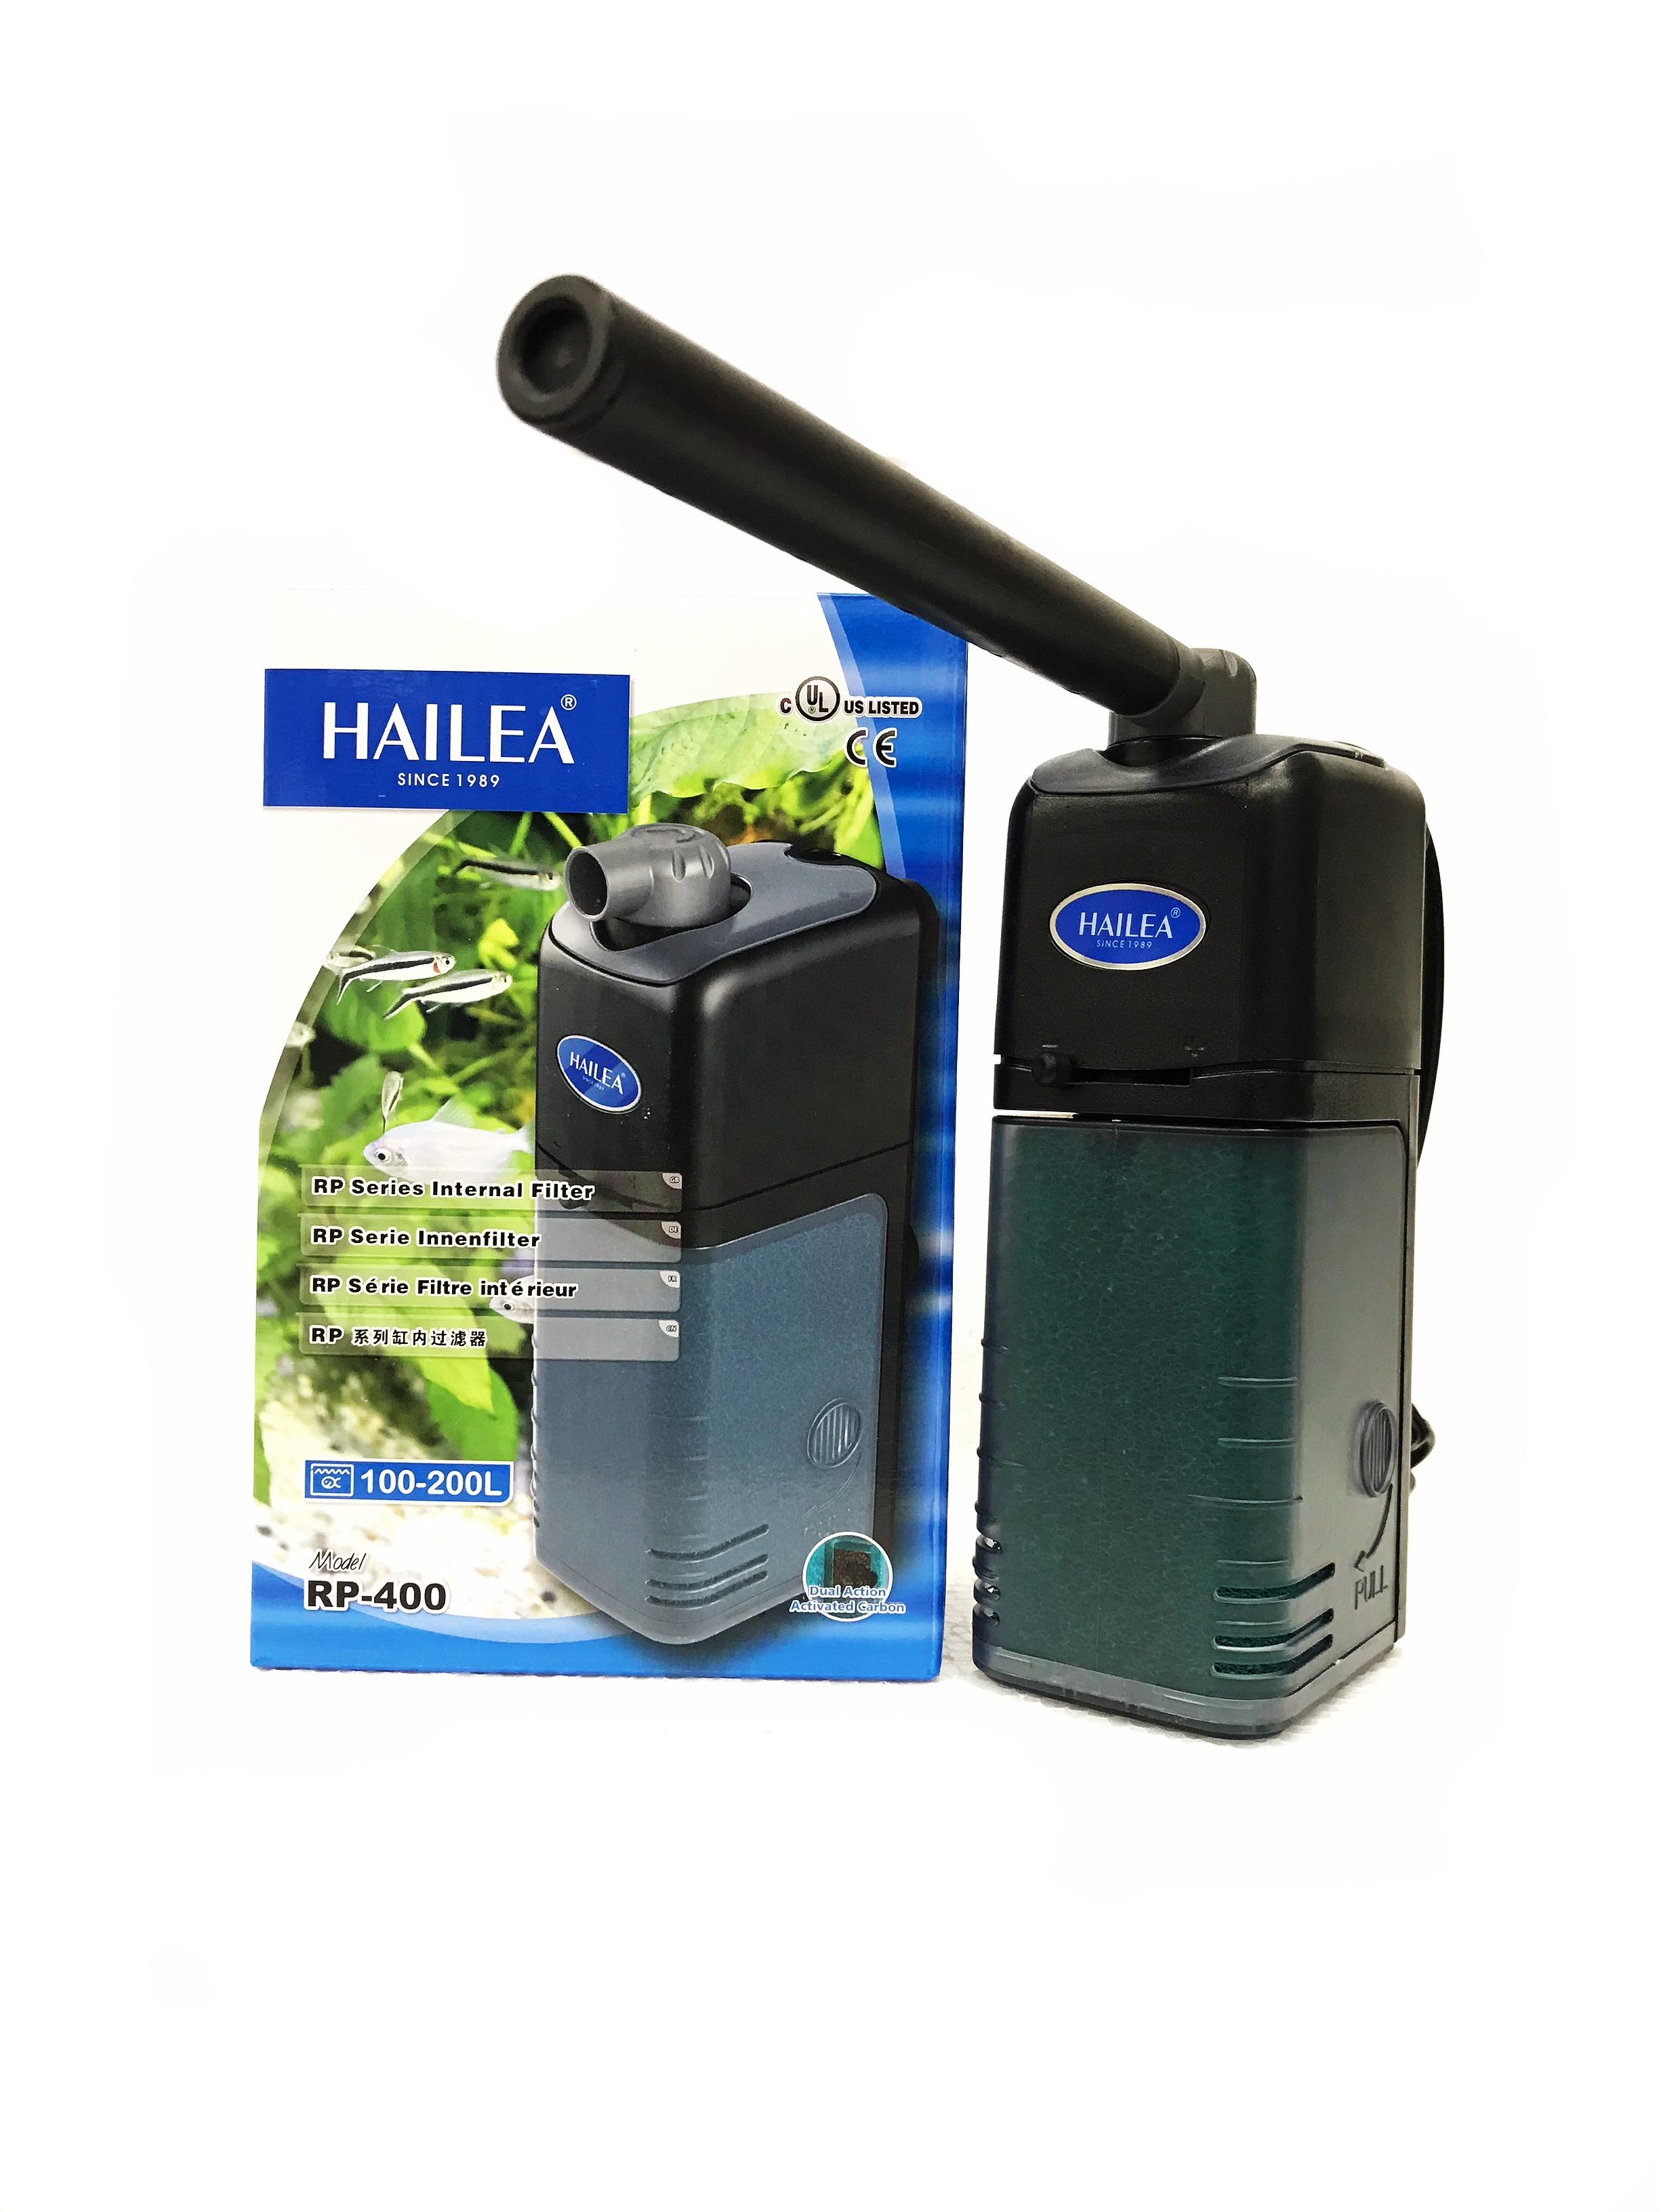 Hailea RP Internal Filter